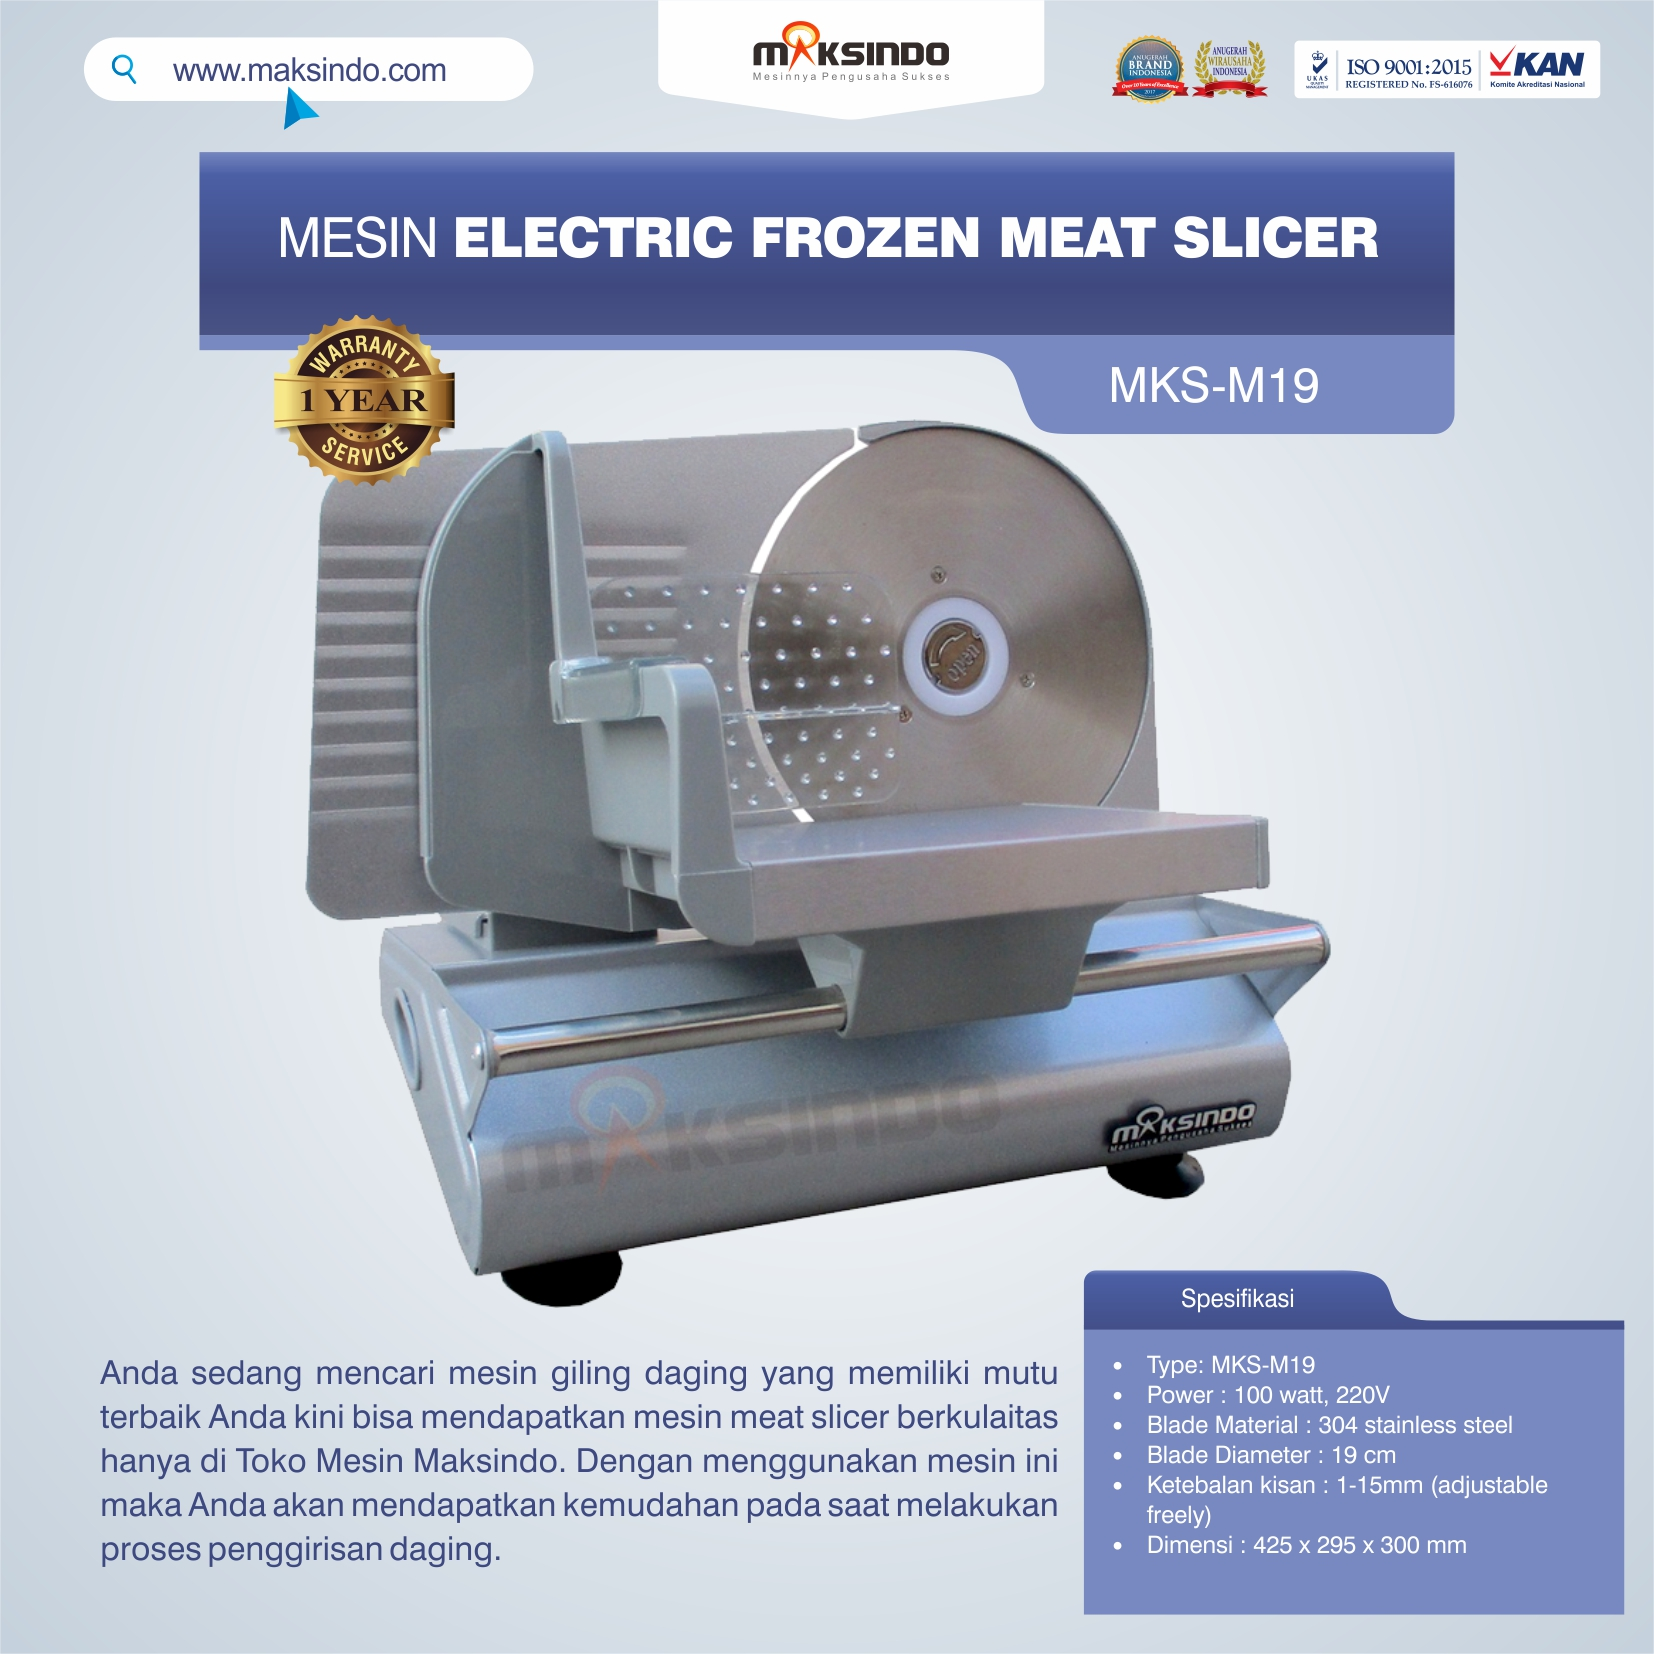 Jual MesinElectric Frozen Meat SlicerMKS-M19 Di Medan